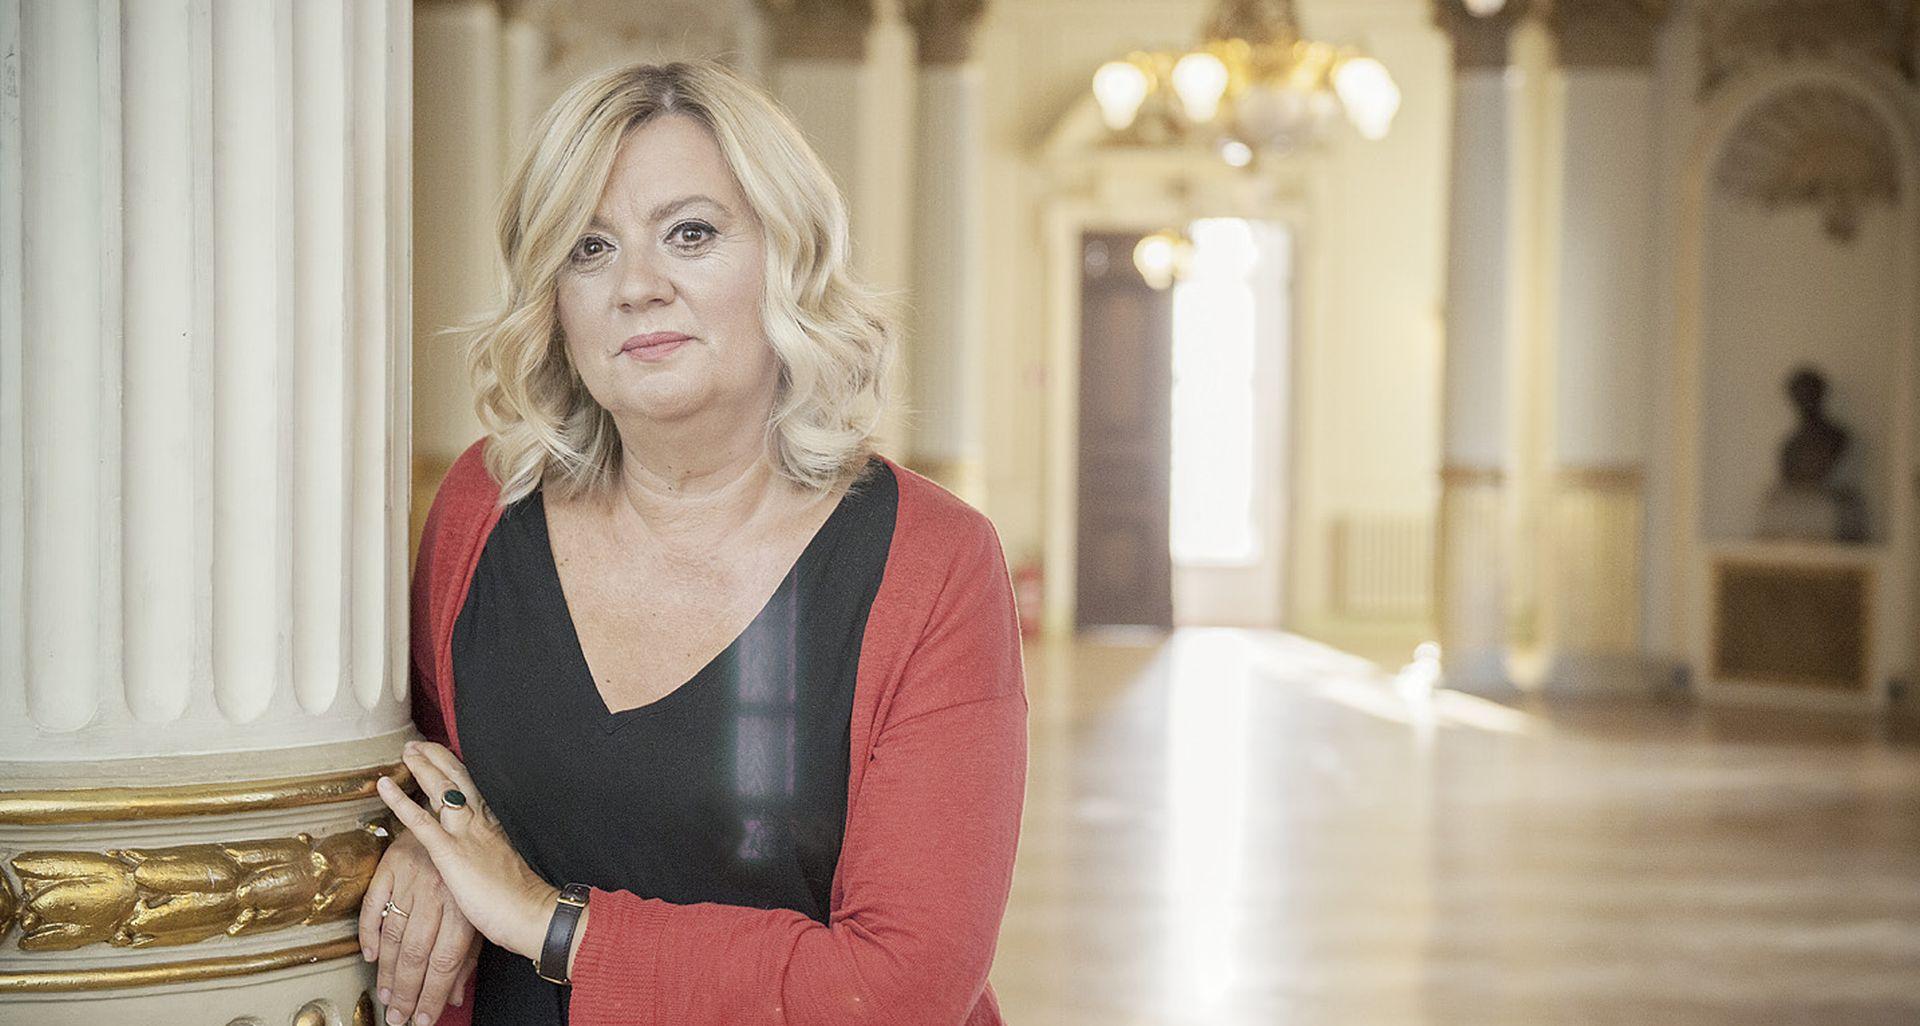 'Nakon gotovo tri desetljeća rada zbog Vrgoč sam otišao iz HNK'